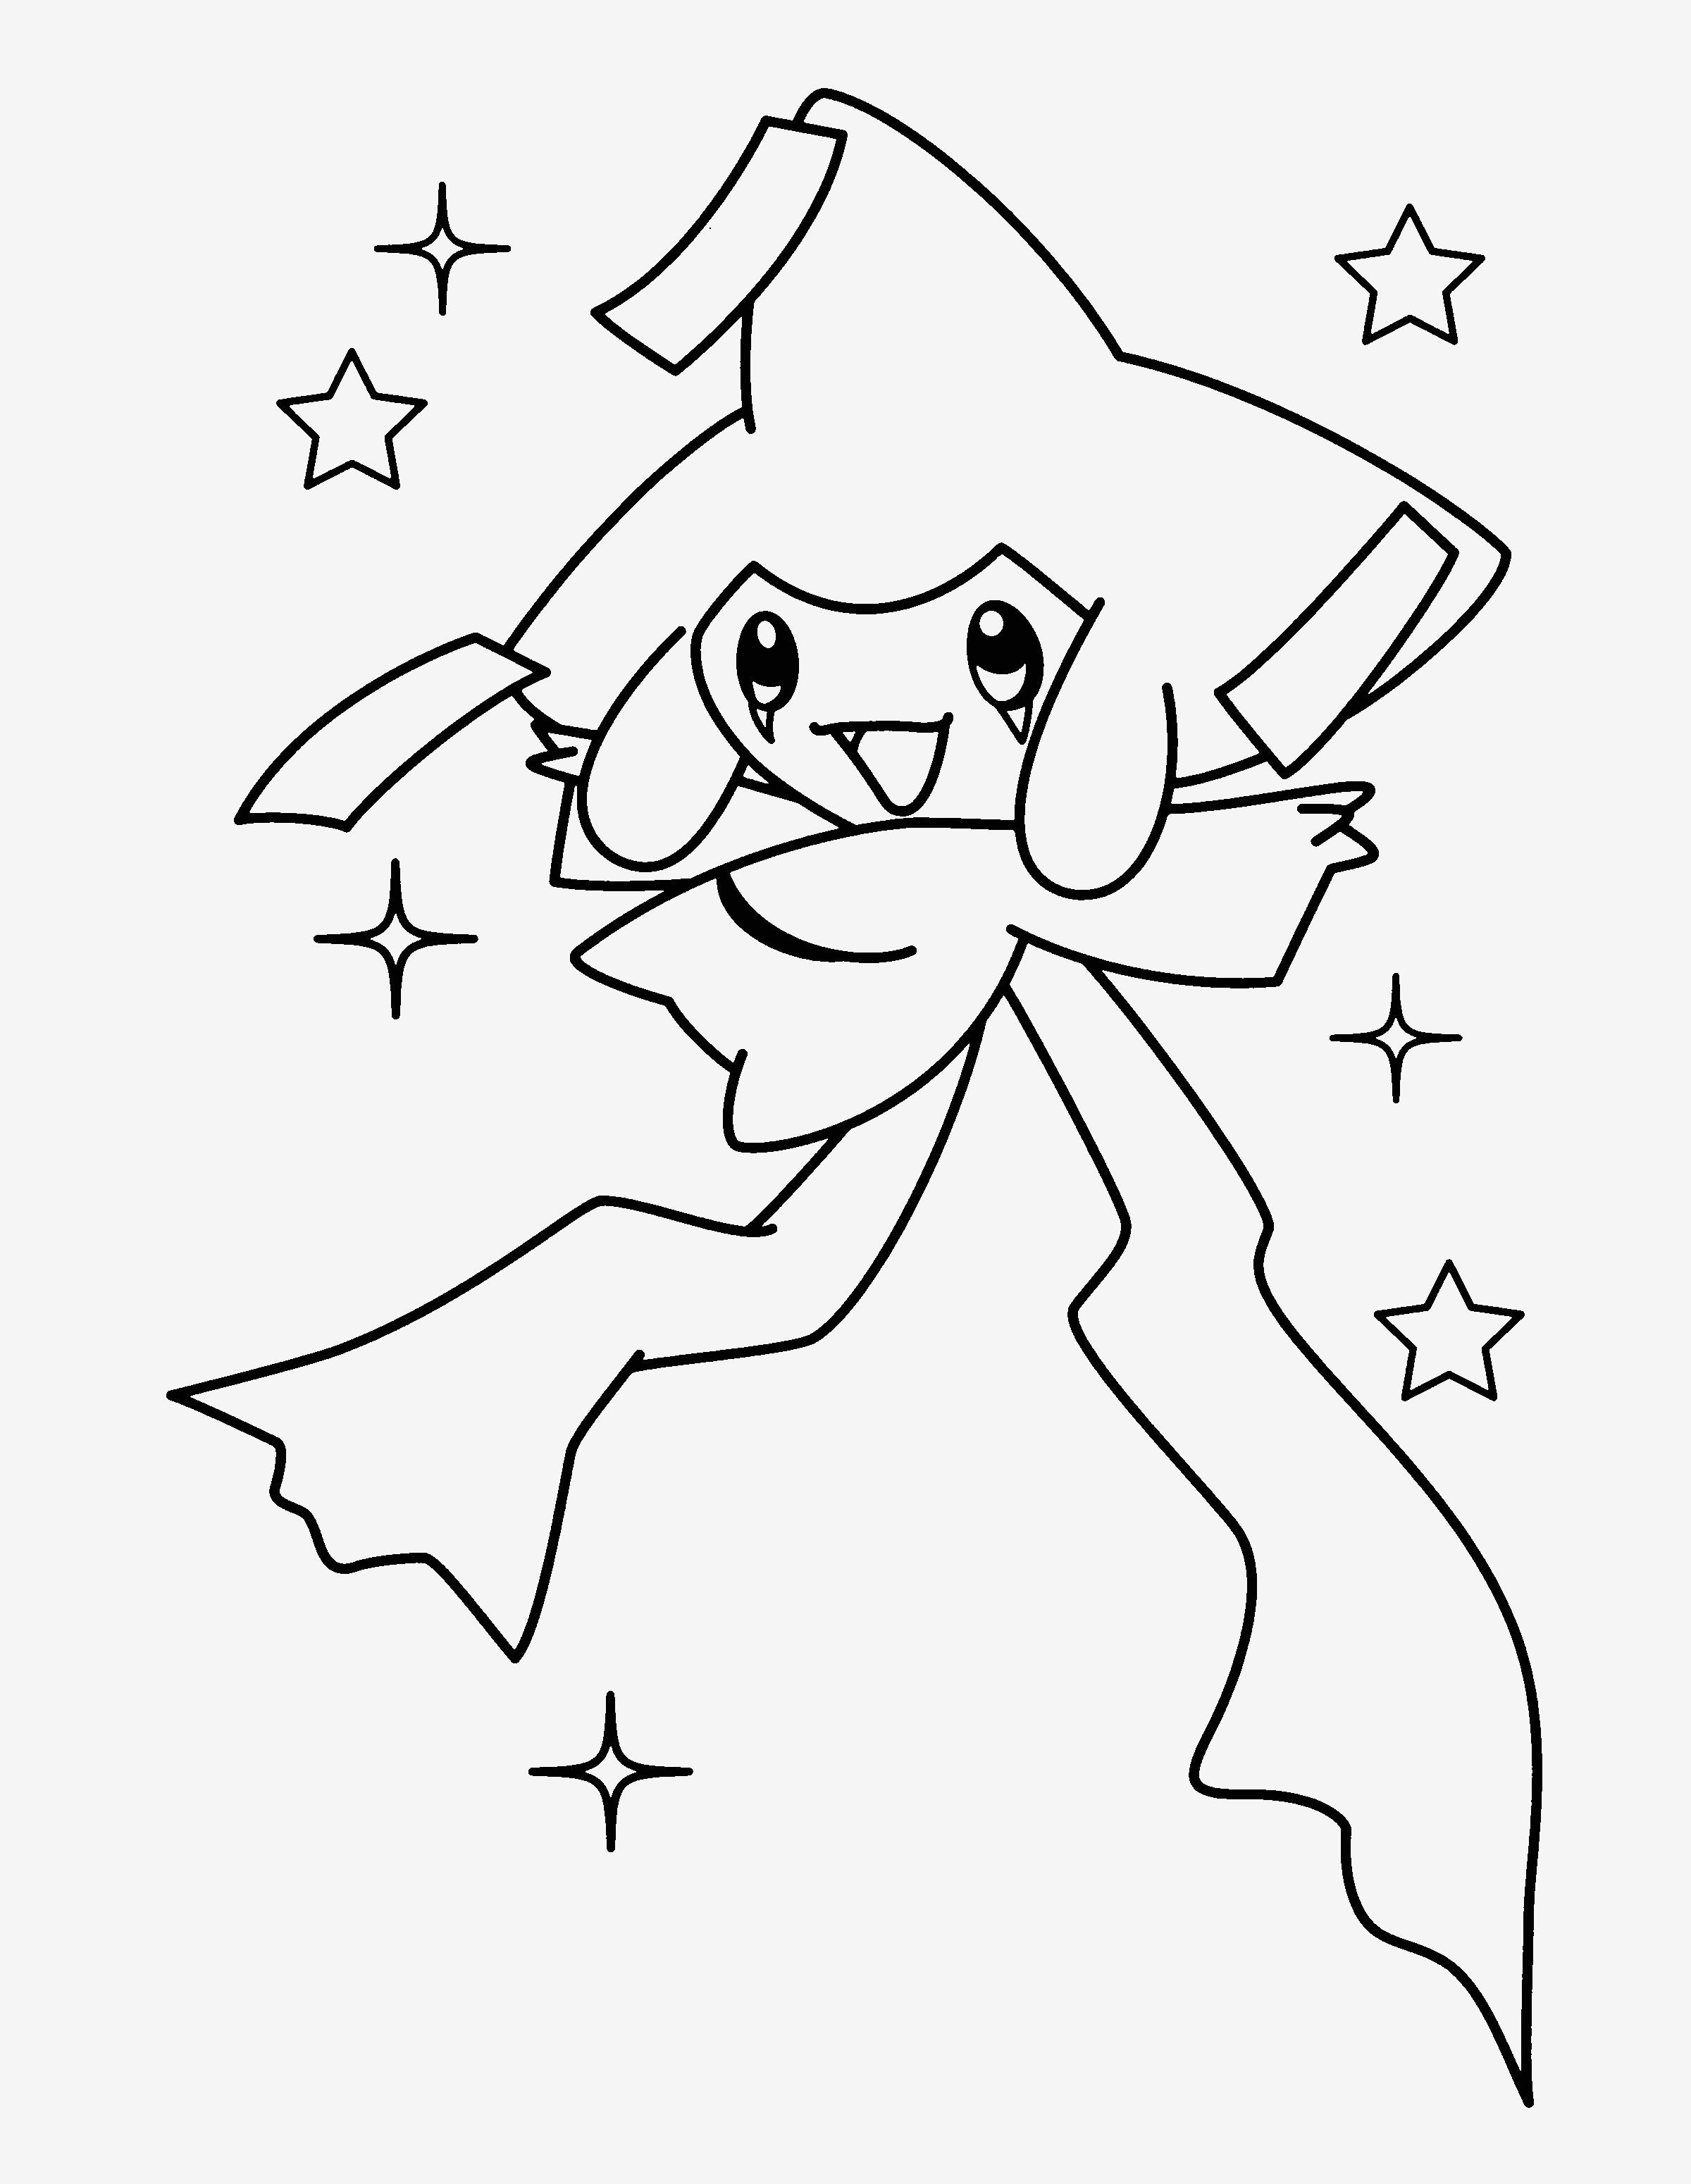 Einhorn Kopf Zum Ausmalen Neu 30 Schön Einhorn Emoji Ausmalbilder – Malvorlagen Ideen Bild